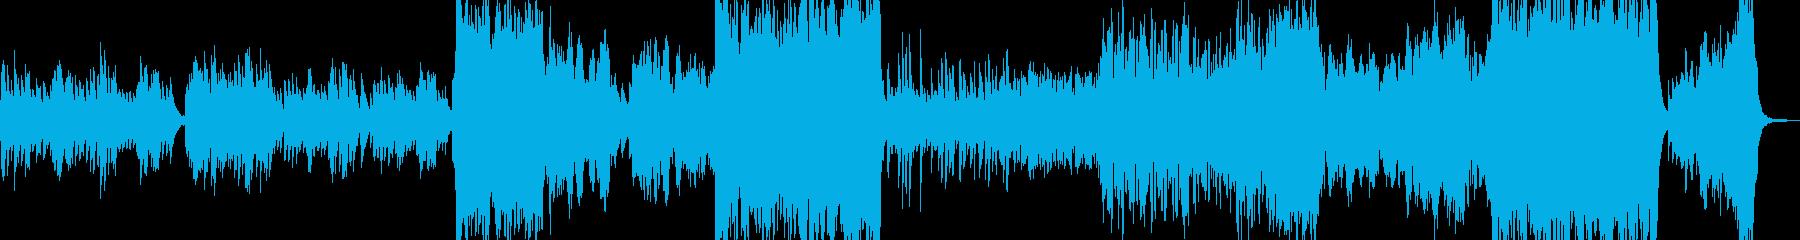 姫チックなワルツ・メルヘンな作品に Bの再生済みの波形